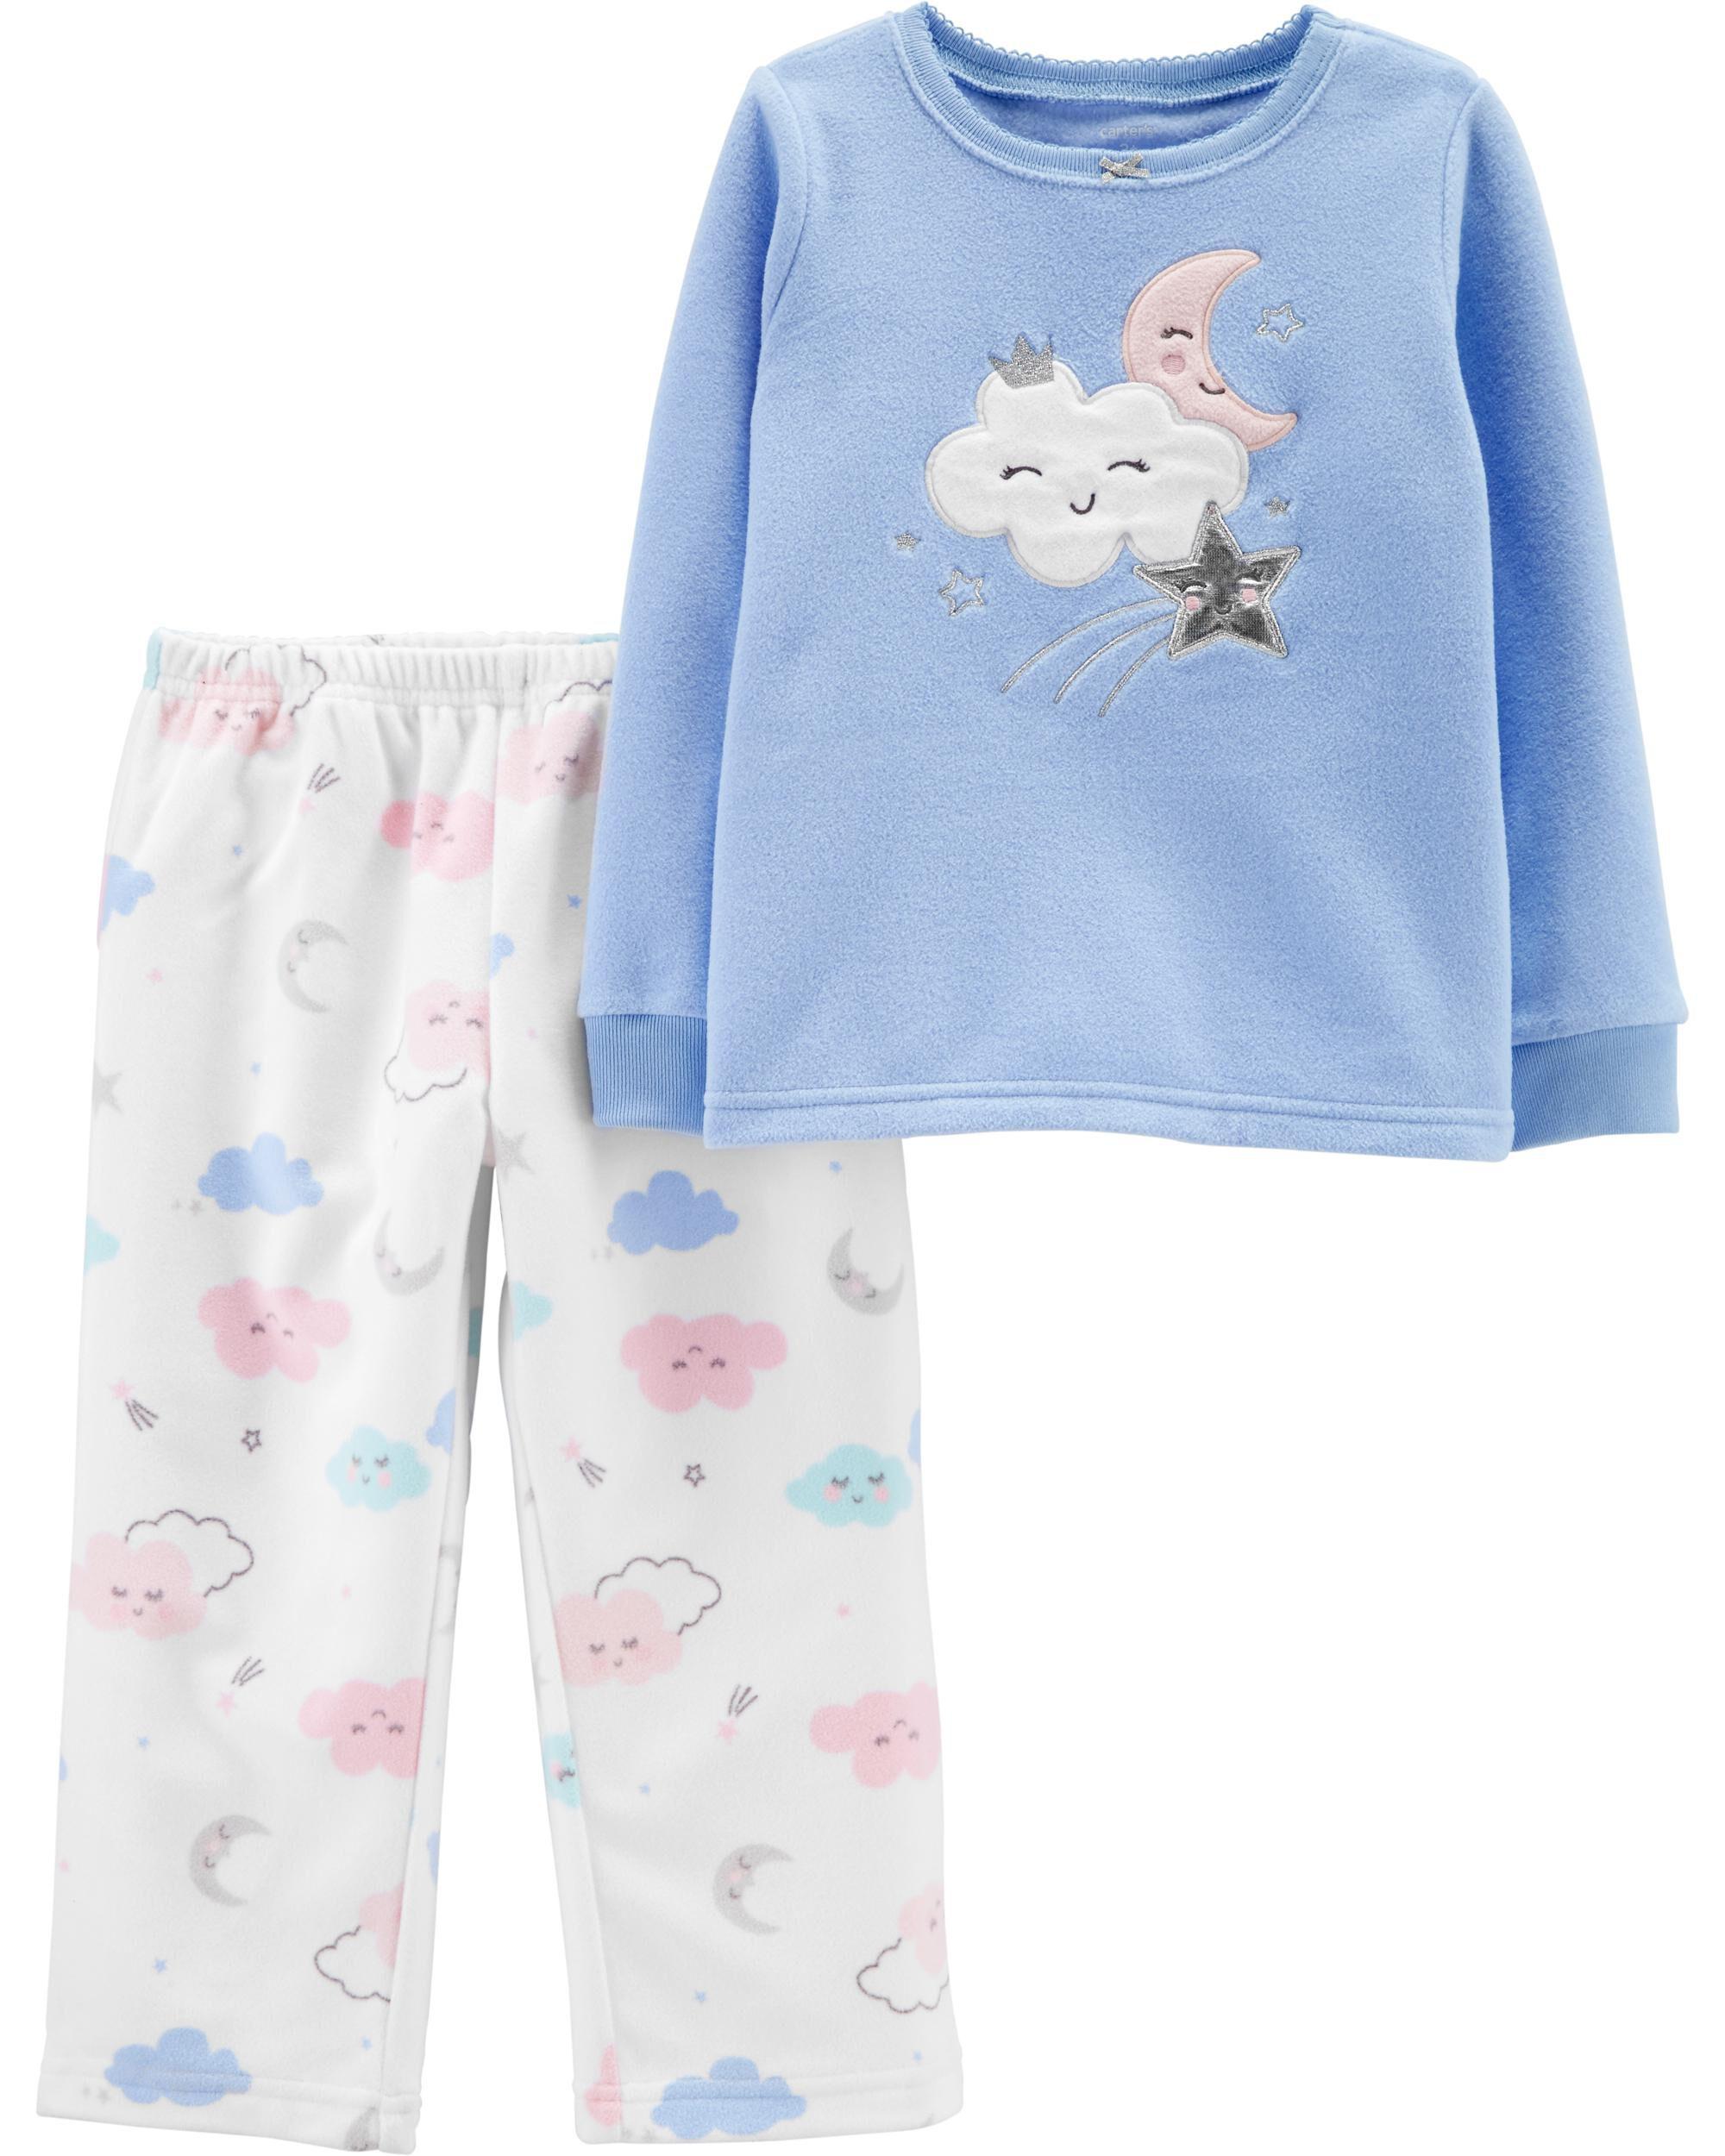 *CLEARANCE* 2-Piece Cloud Snug Fit Cotton & Fleece PJs